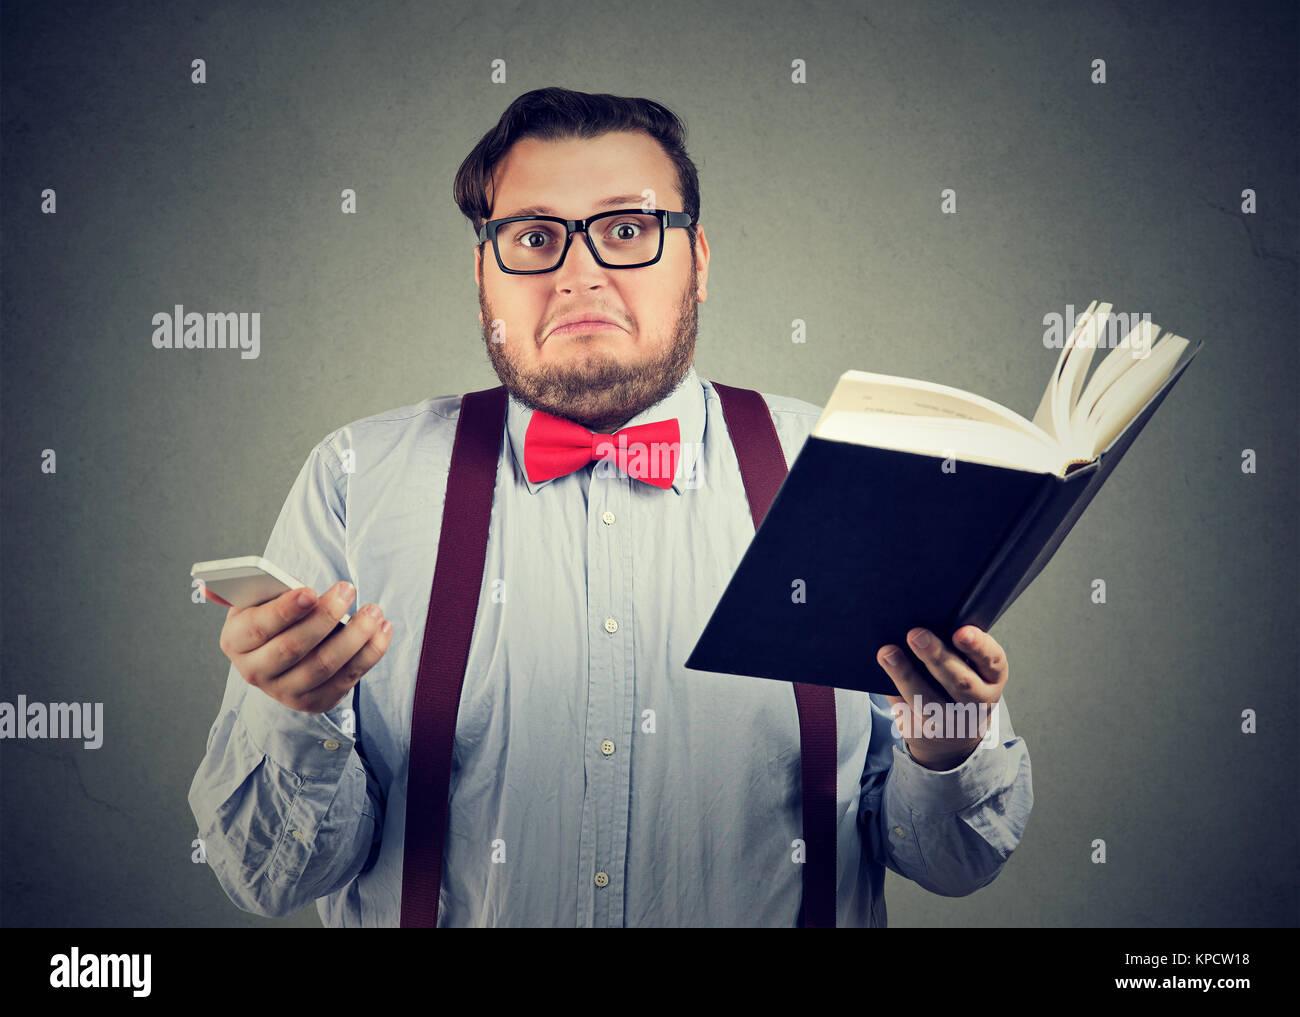 Chubby guy dans les verres choisir entre livre et lecture du smartphone. Photo Stock